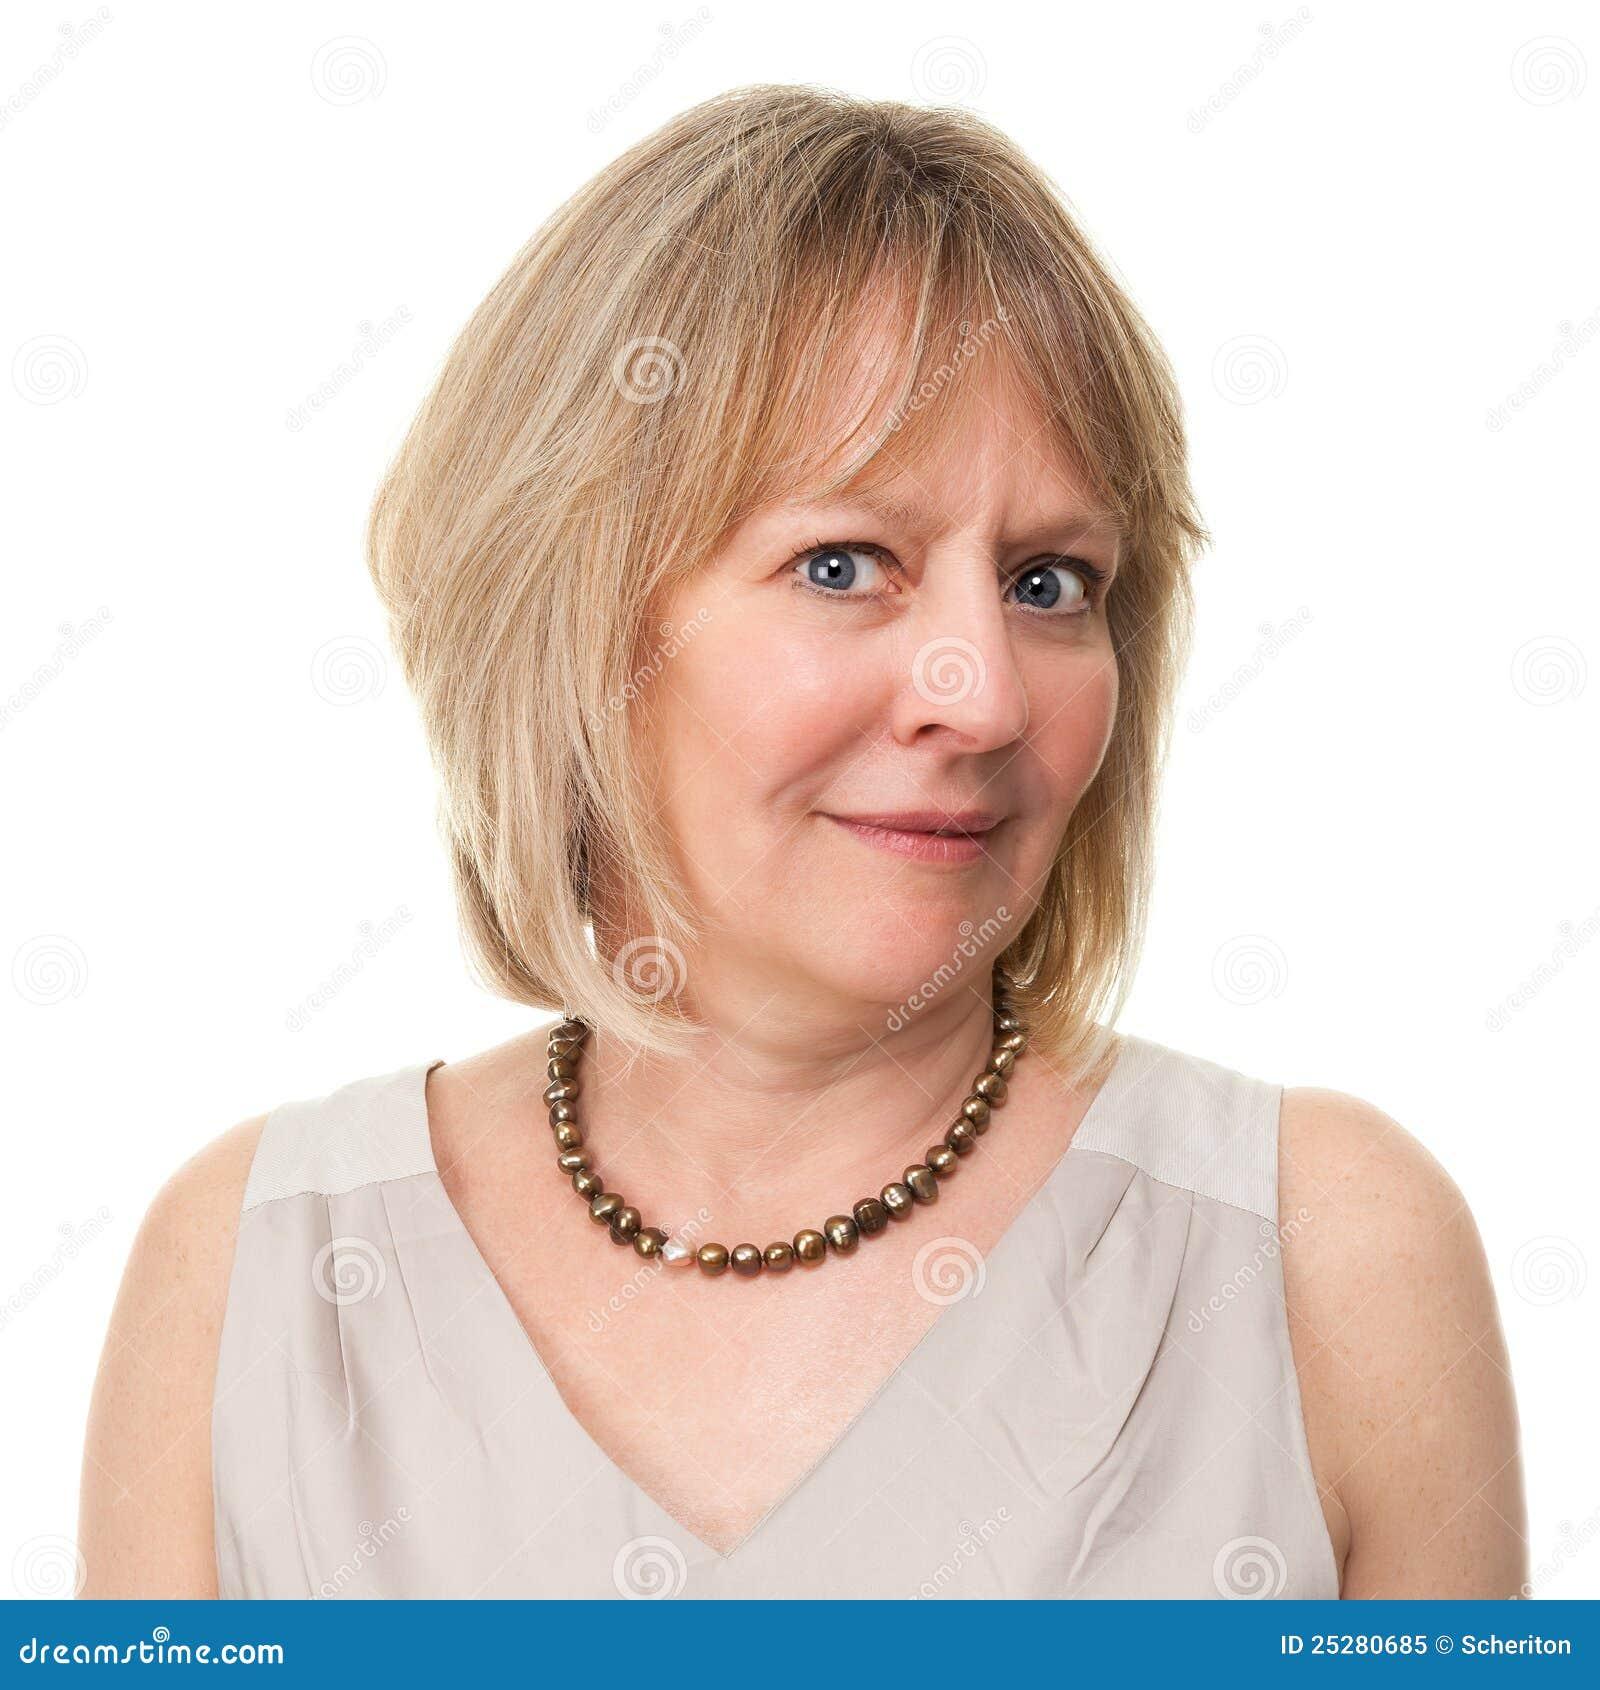 Aantrekkelijke Vrouw met In verwarring gebrachte Ongerust gemaakte Uitdrukking